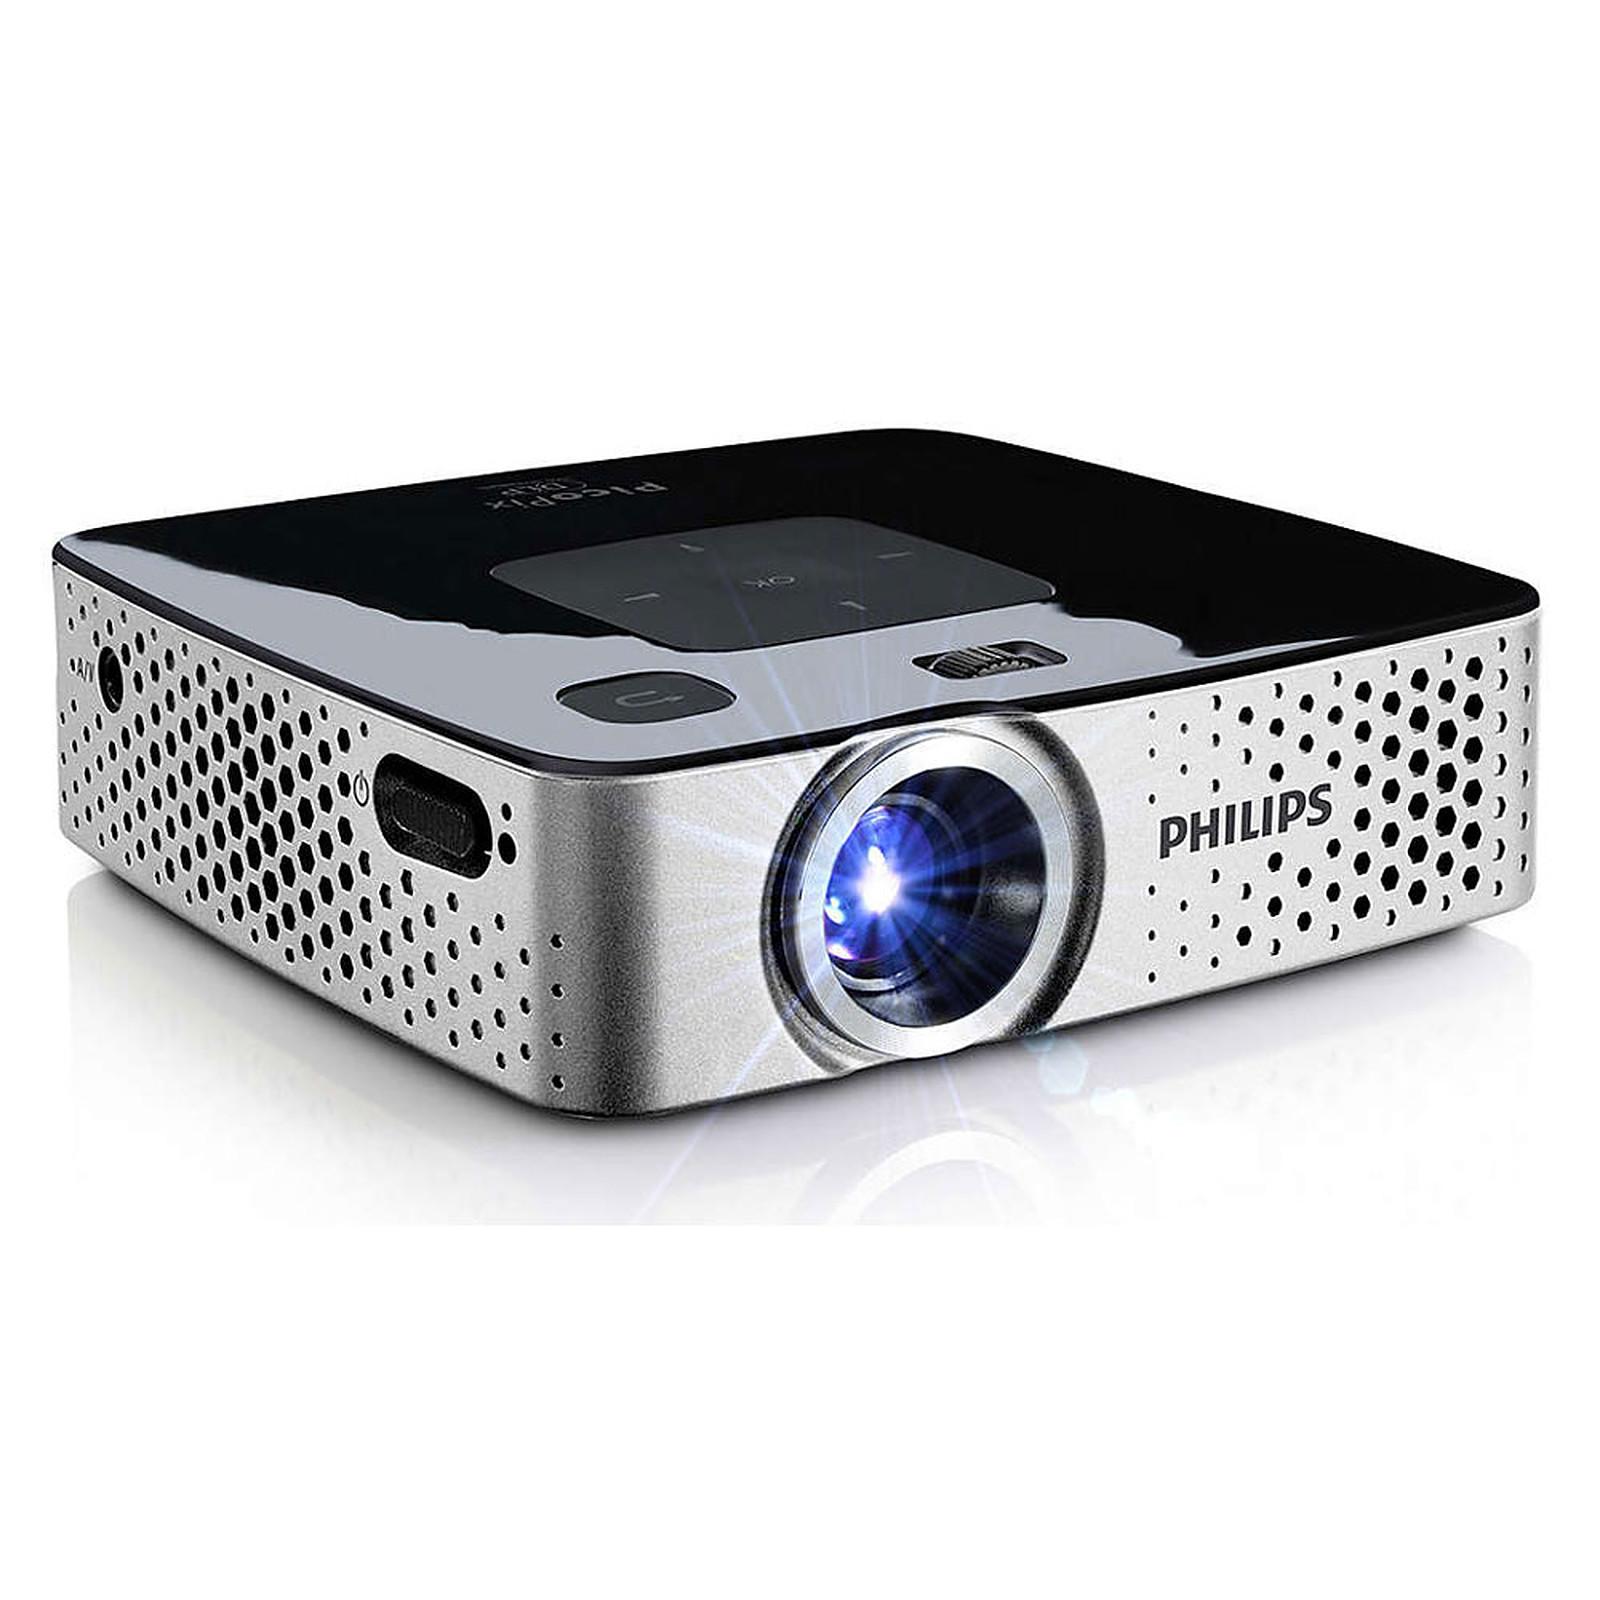 Sur Philips Ppx3417w Sur Vidéoprojecteur Ppx3417w Vidéoprojecteur Philips rBoeCdx